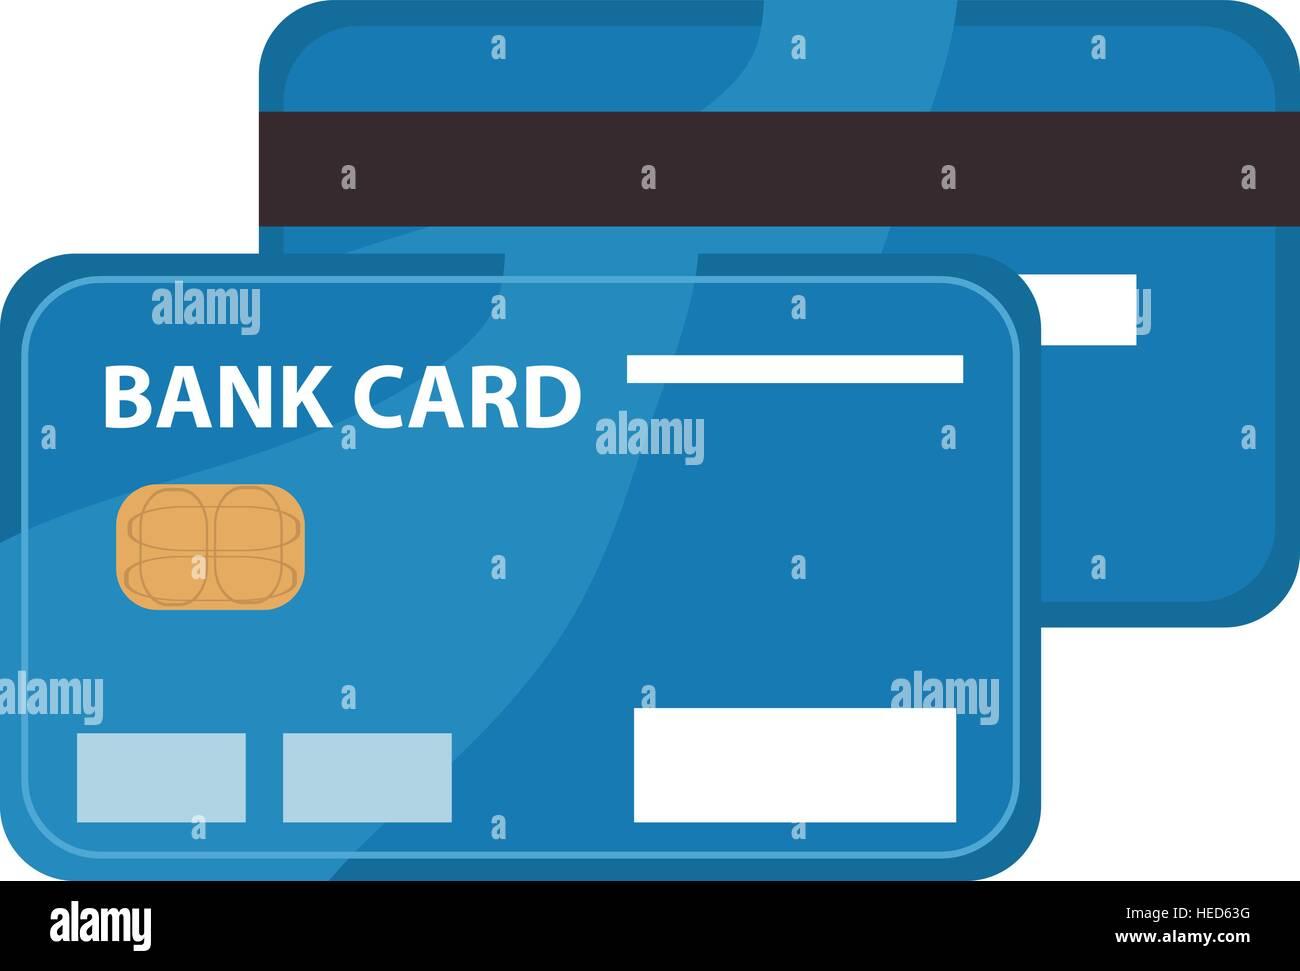 L'icône de carte de crédit, modèle plat. Carte bancaire isolé sur fond blanc. Illustration Photo Stock